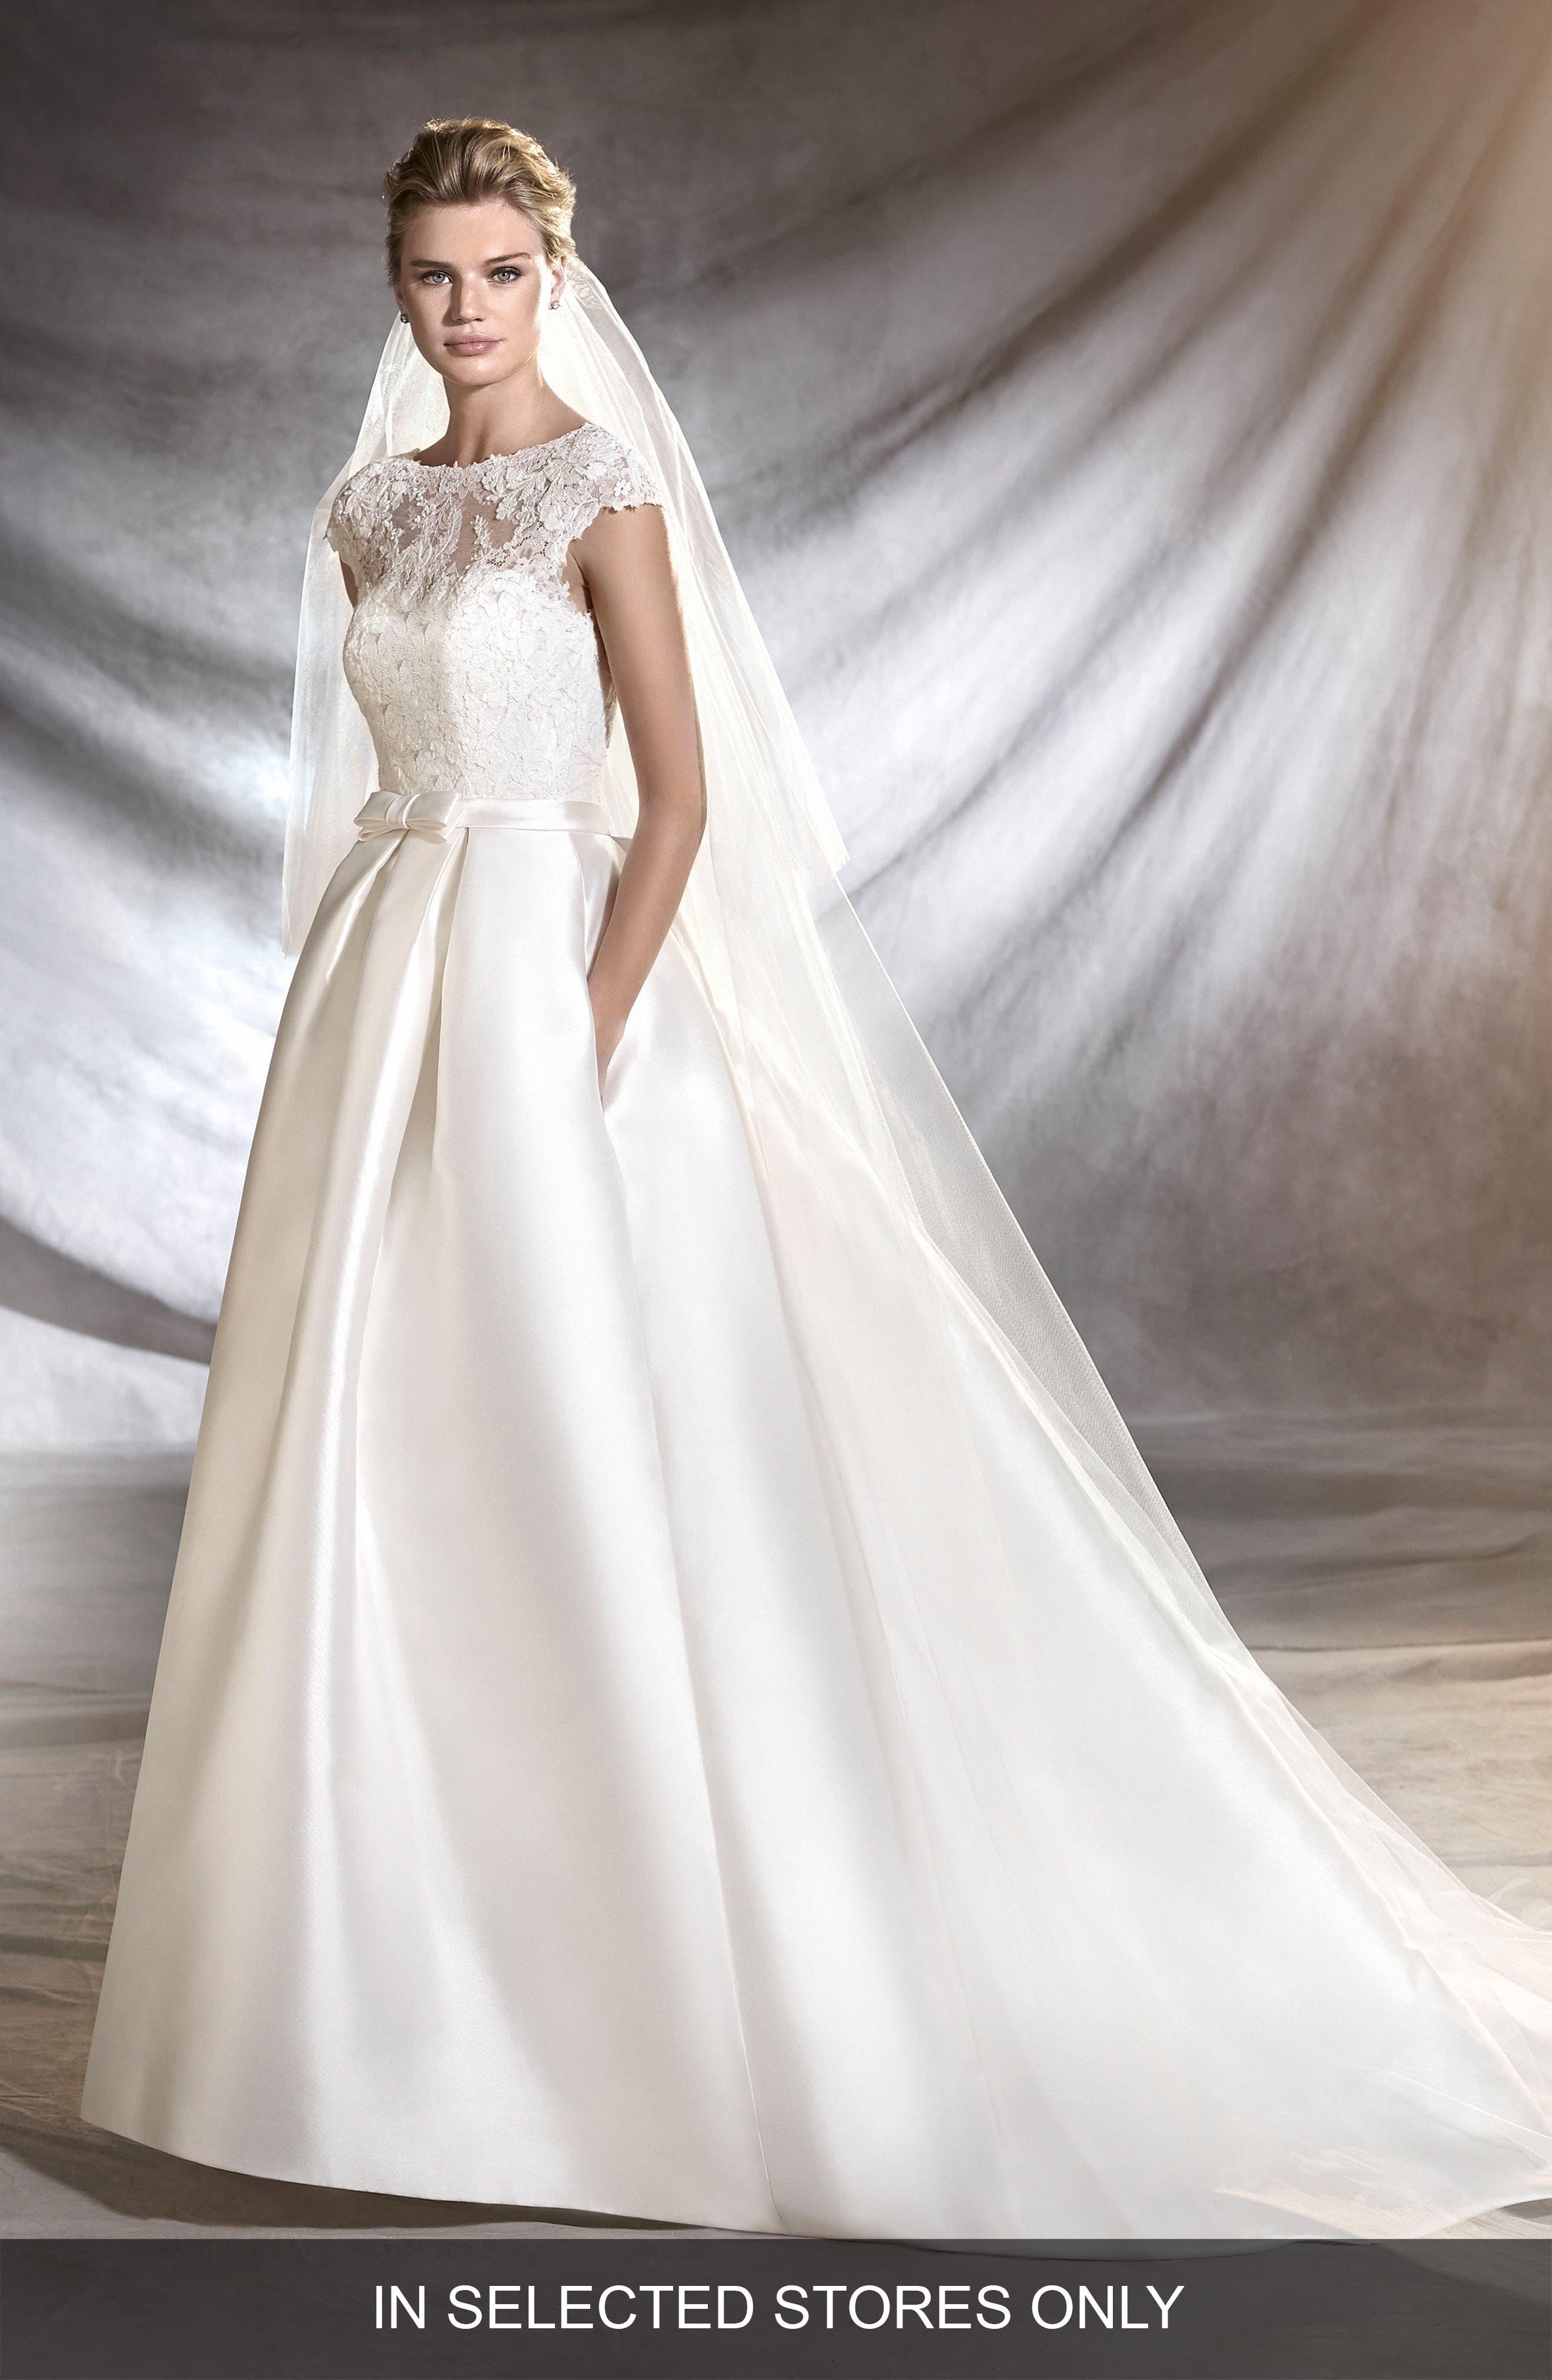 Osasun Lace Bodice Ballgown,                         Main,                         color, Off White